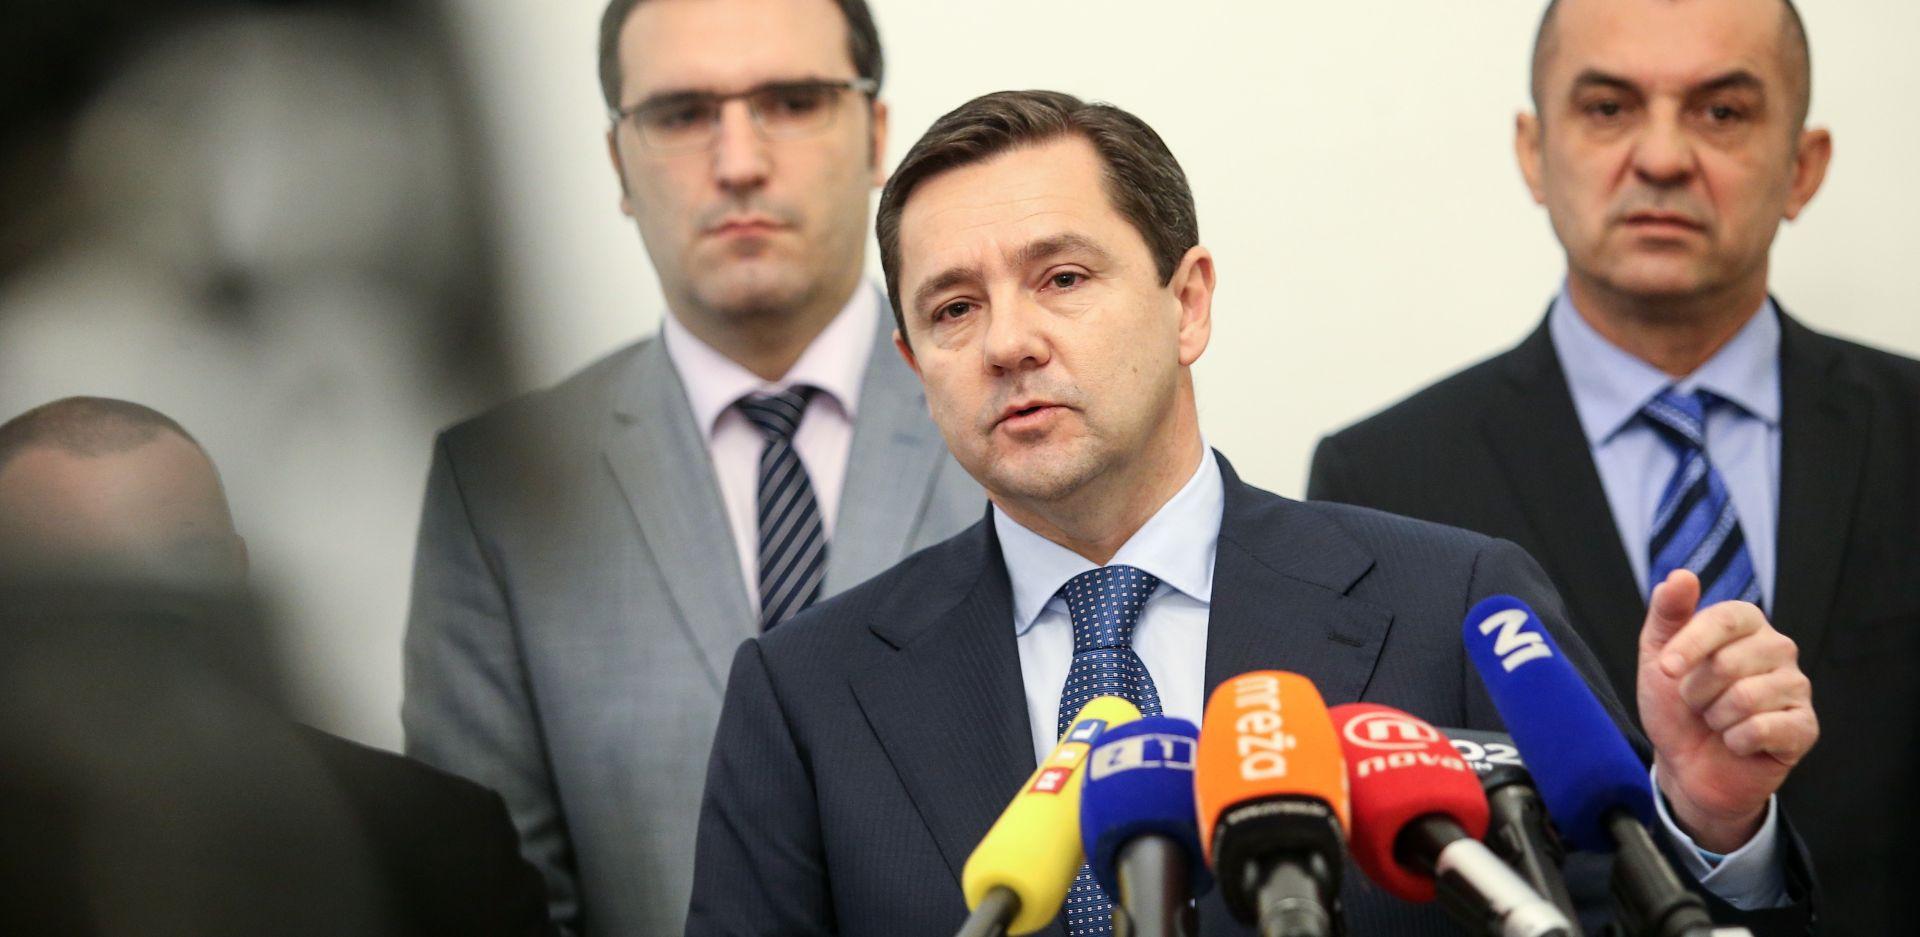 """MIKULIĆ """"Bandić ne može kupiti HDZ niti jednog njegovog člana, proračun nije Bandićev"""""""